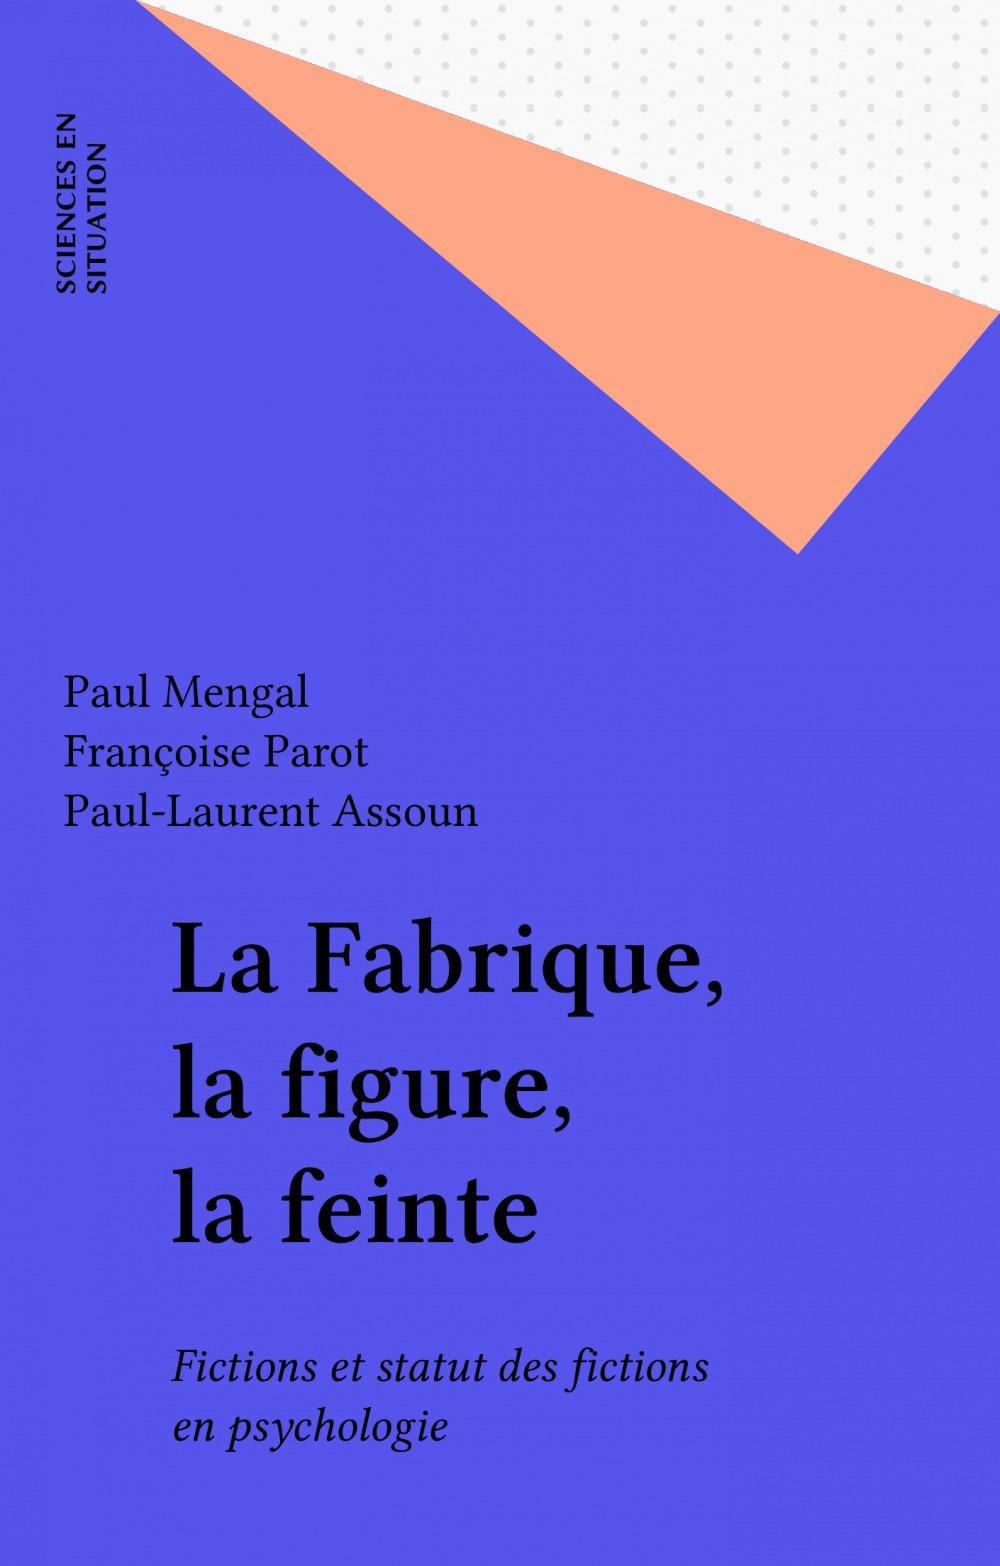 La fabrique, la figure et la feinte ; fictions et statit des fictions en psychologie